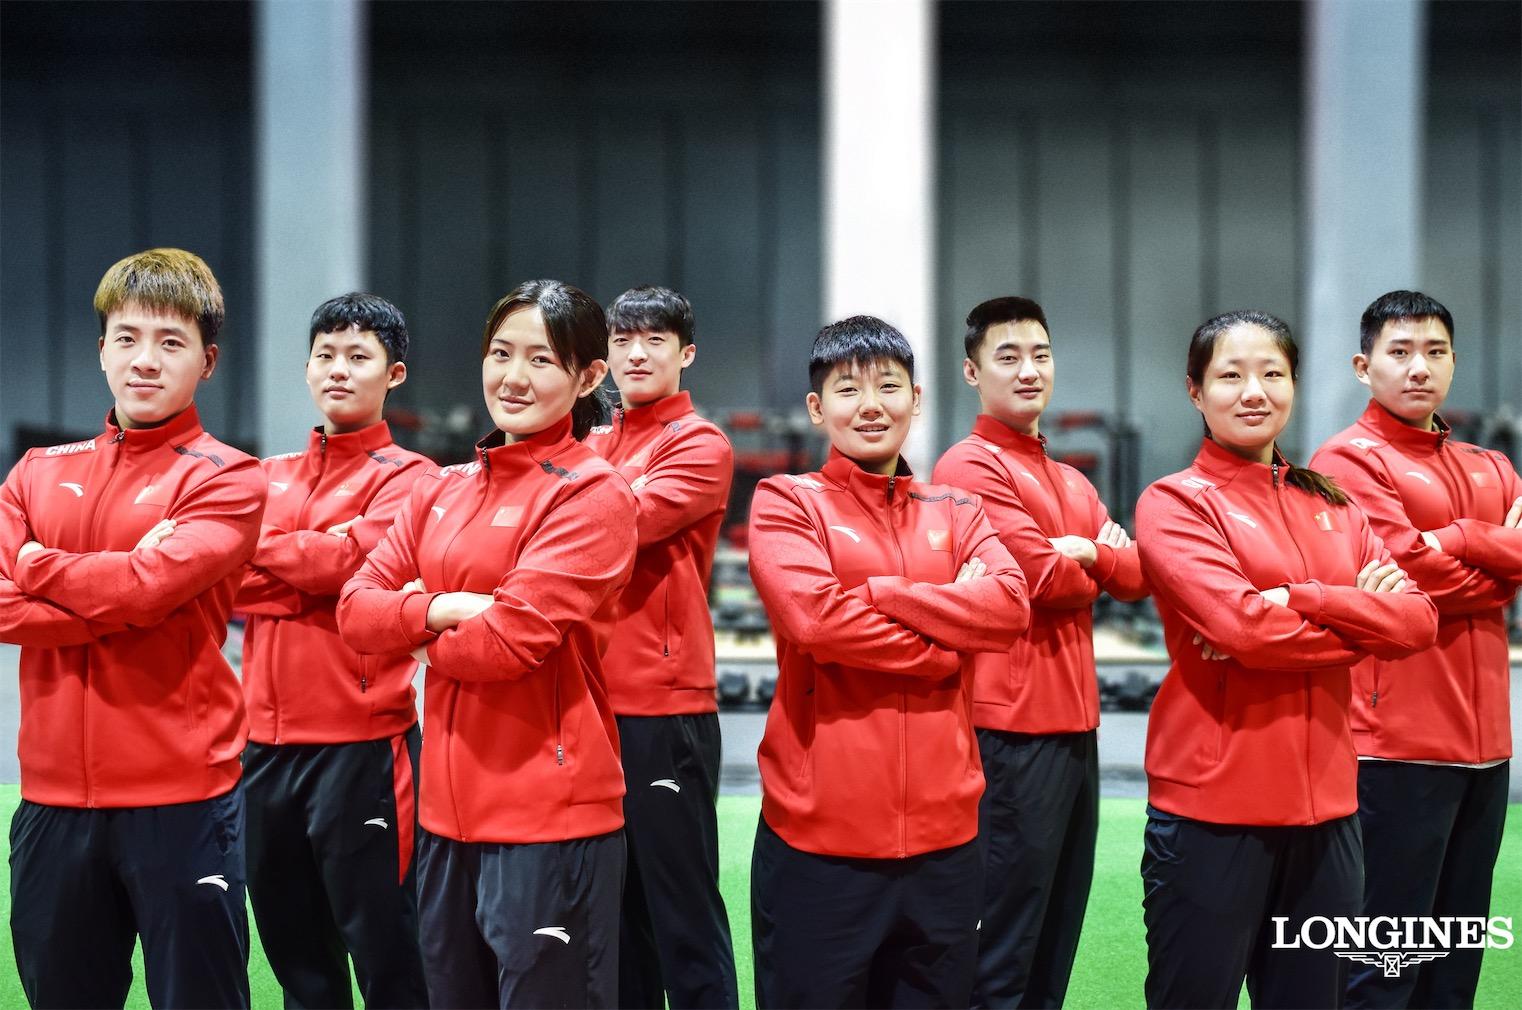 浪琴手表成为中国高山滑雪国家队官方合作伙伴